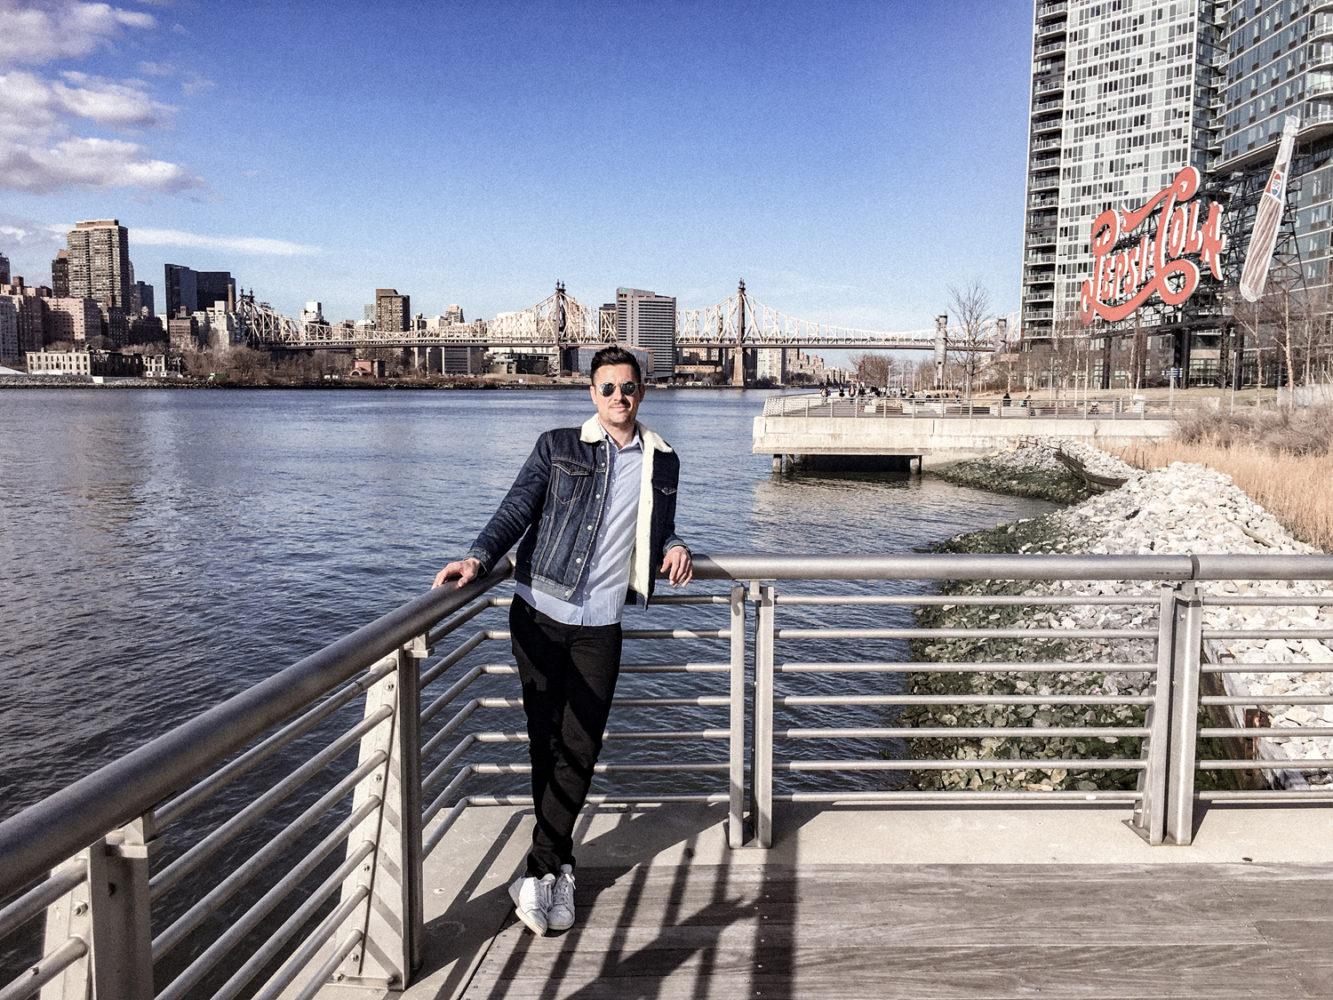 Séance photo avec le Queensboro Bridge au second plan